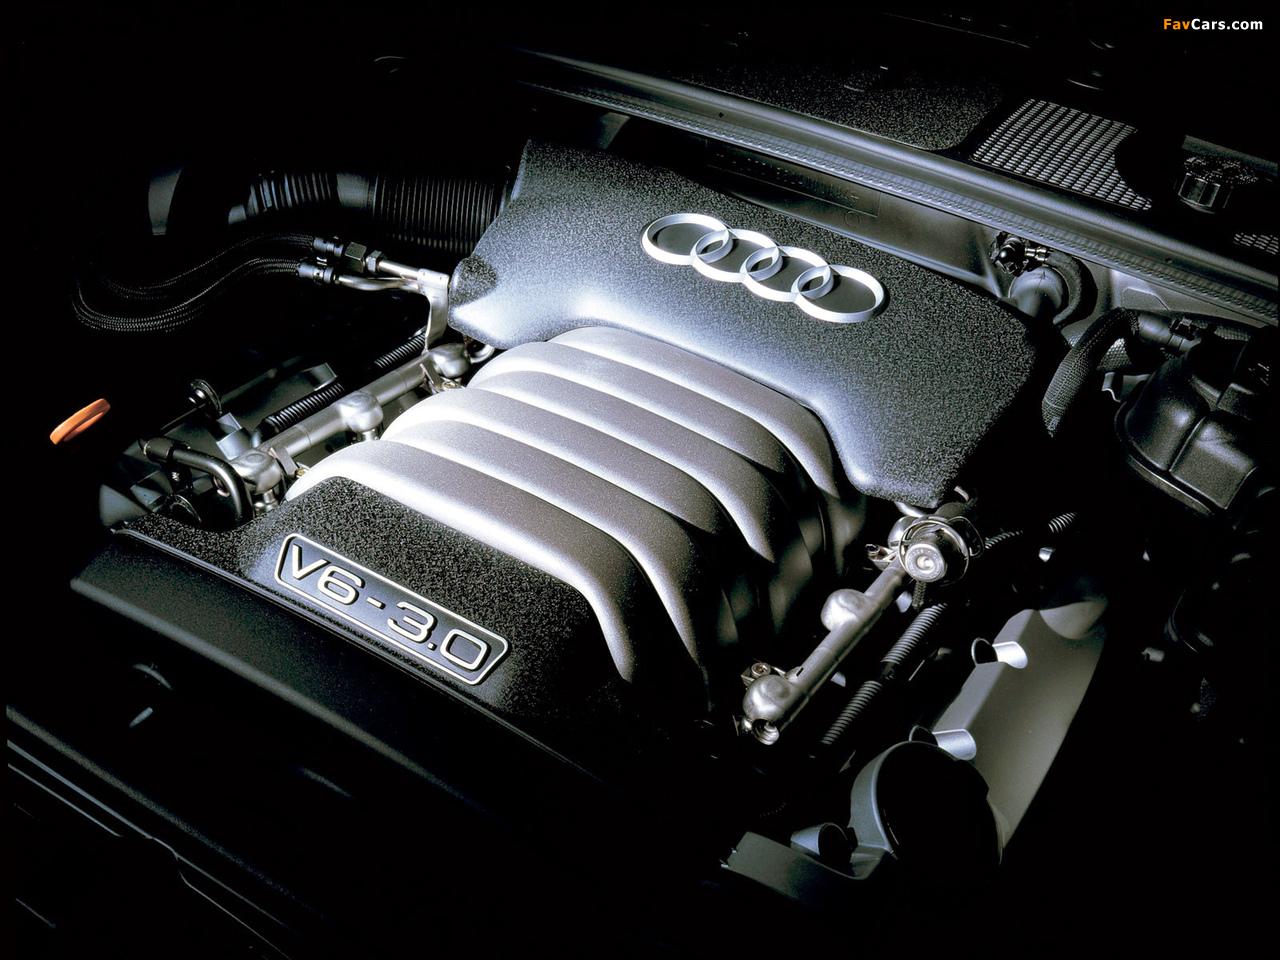 Audi A4 3 0 Quattro Avant B6 8e 2001 2004 Photos 1280x960